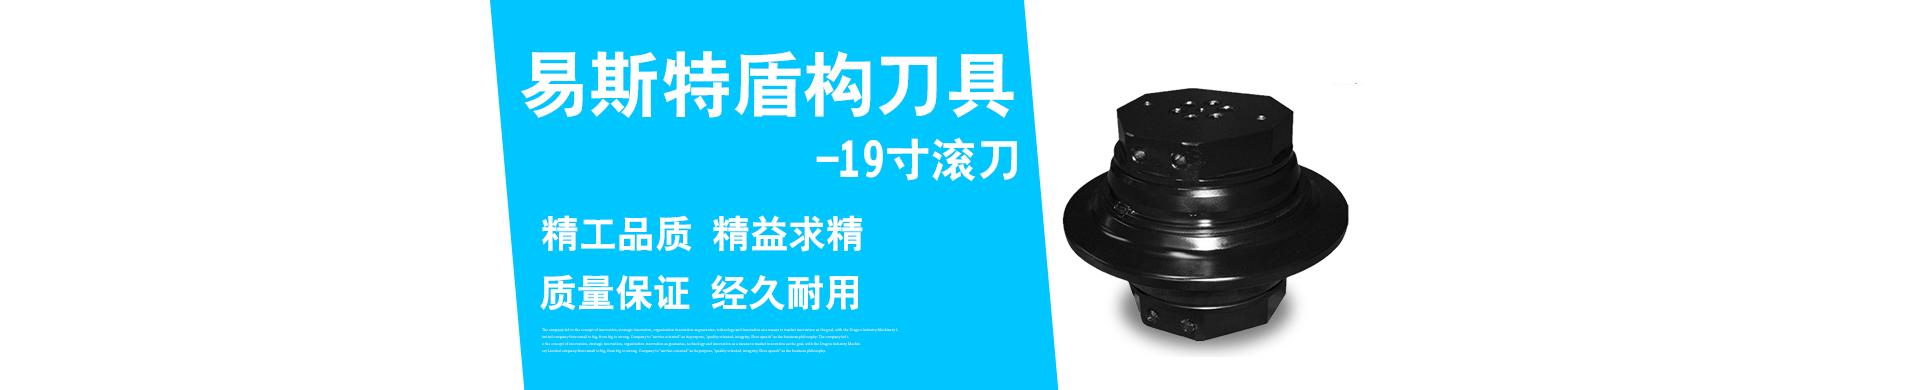 中国工程刀具交易网